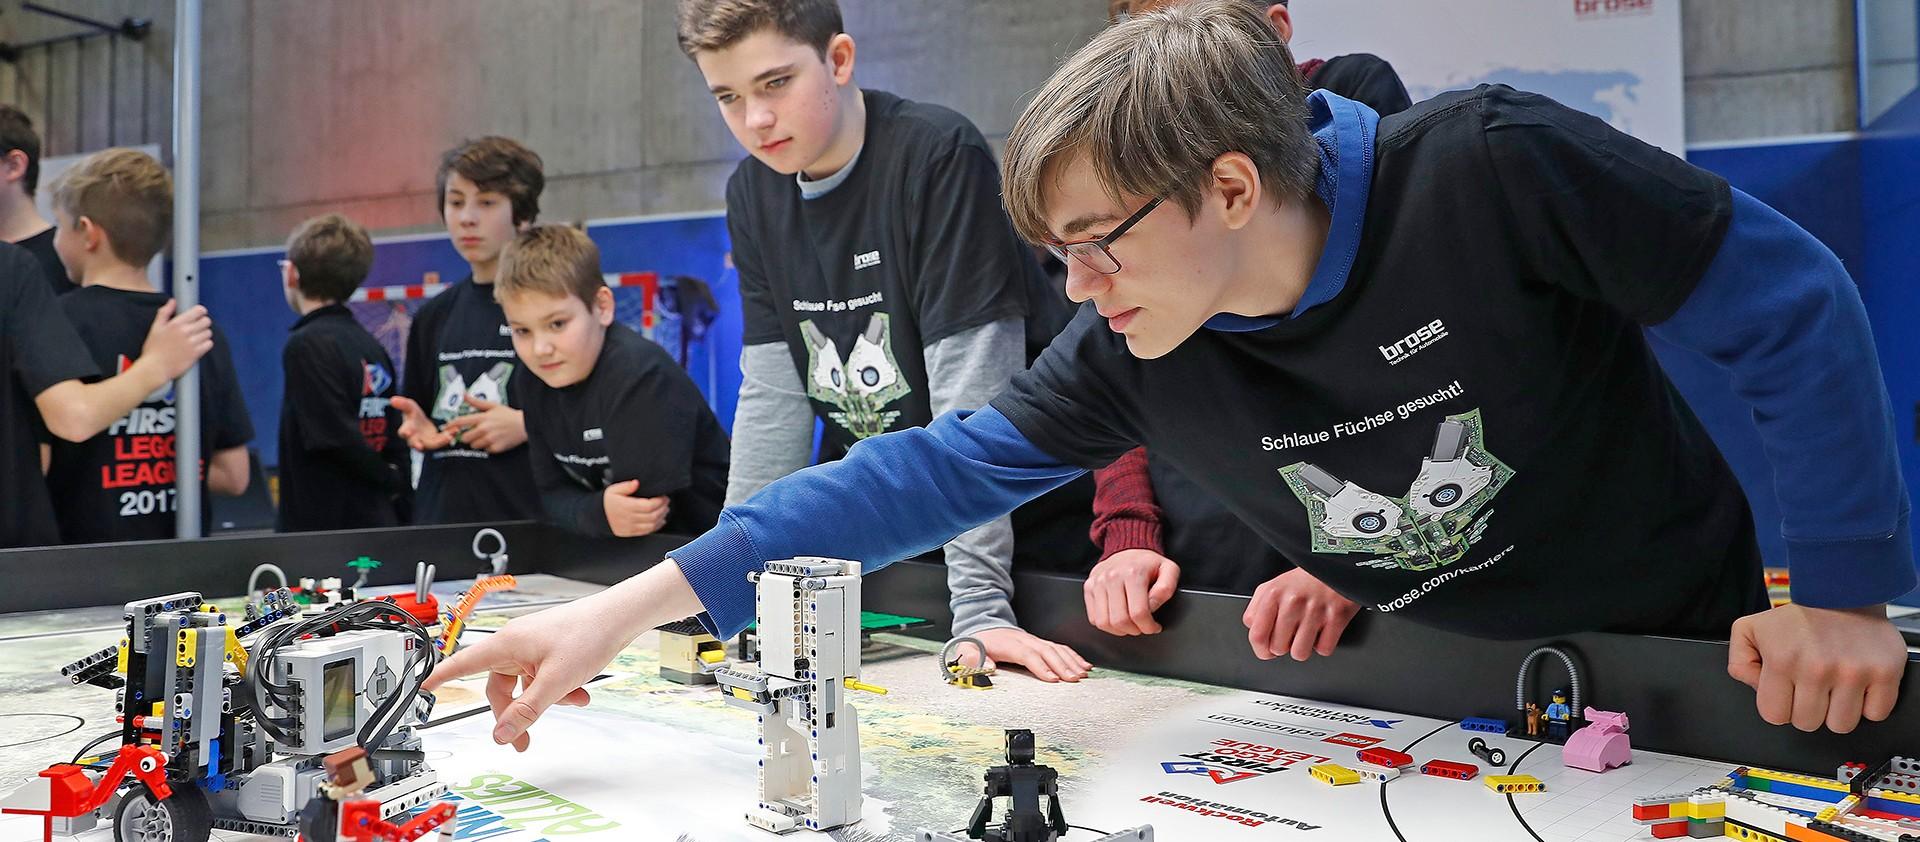 Brose-Wettstreit-der-Lego-Roboter-in-Wuerzburg-2017_presse_xl_19201